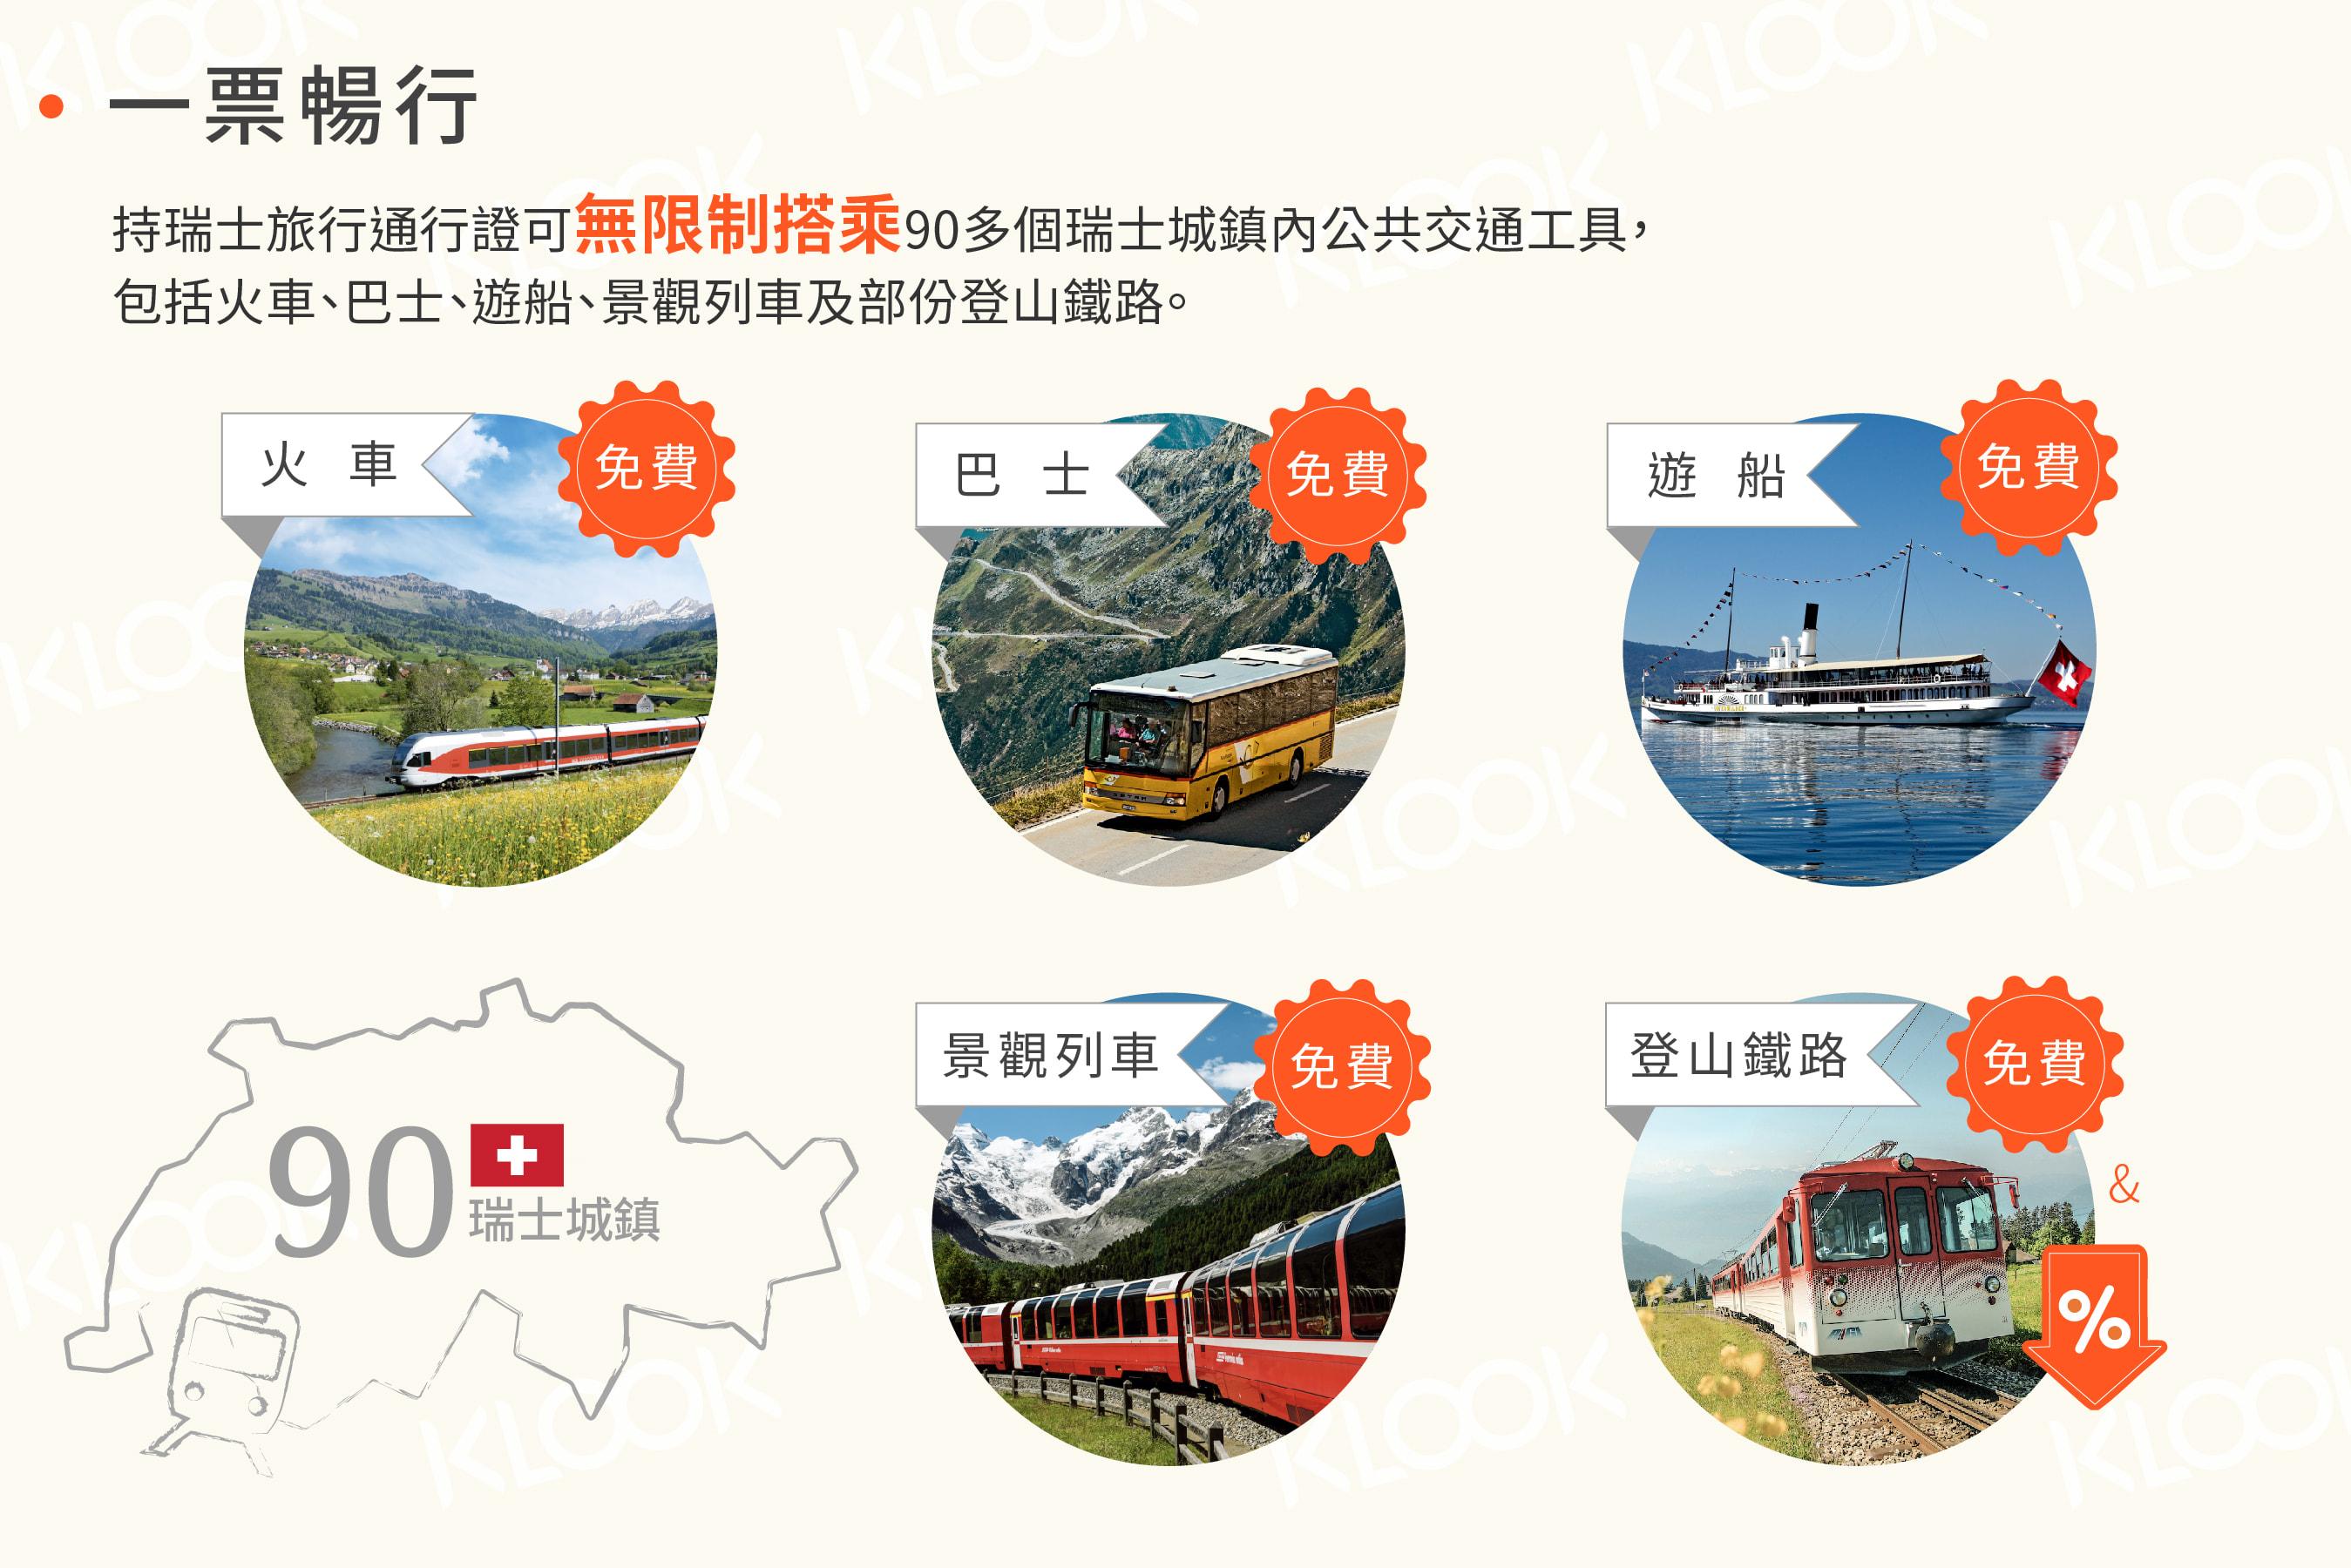 2018瑞士旅行通行證(Swiss Travel Pass)攻略